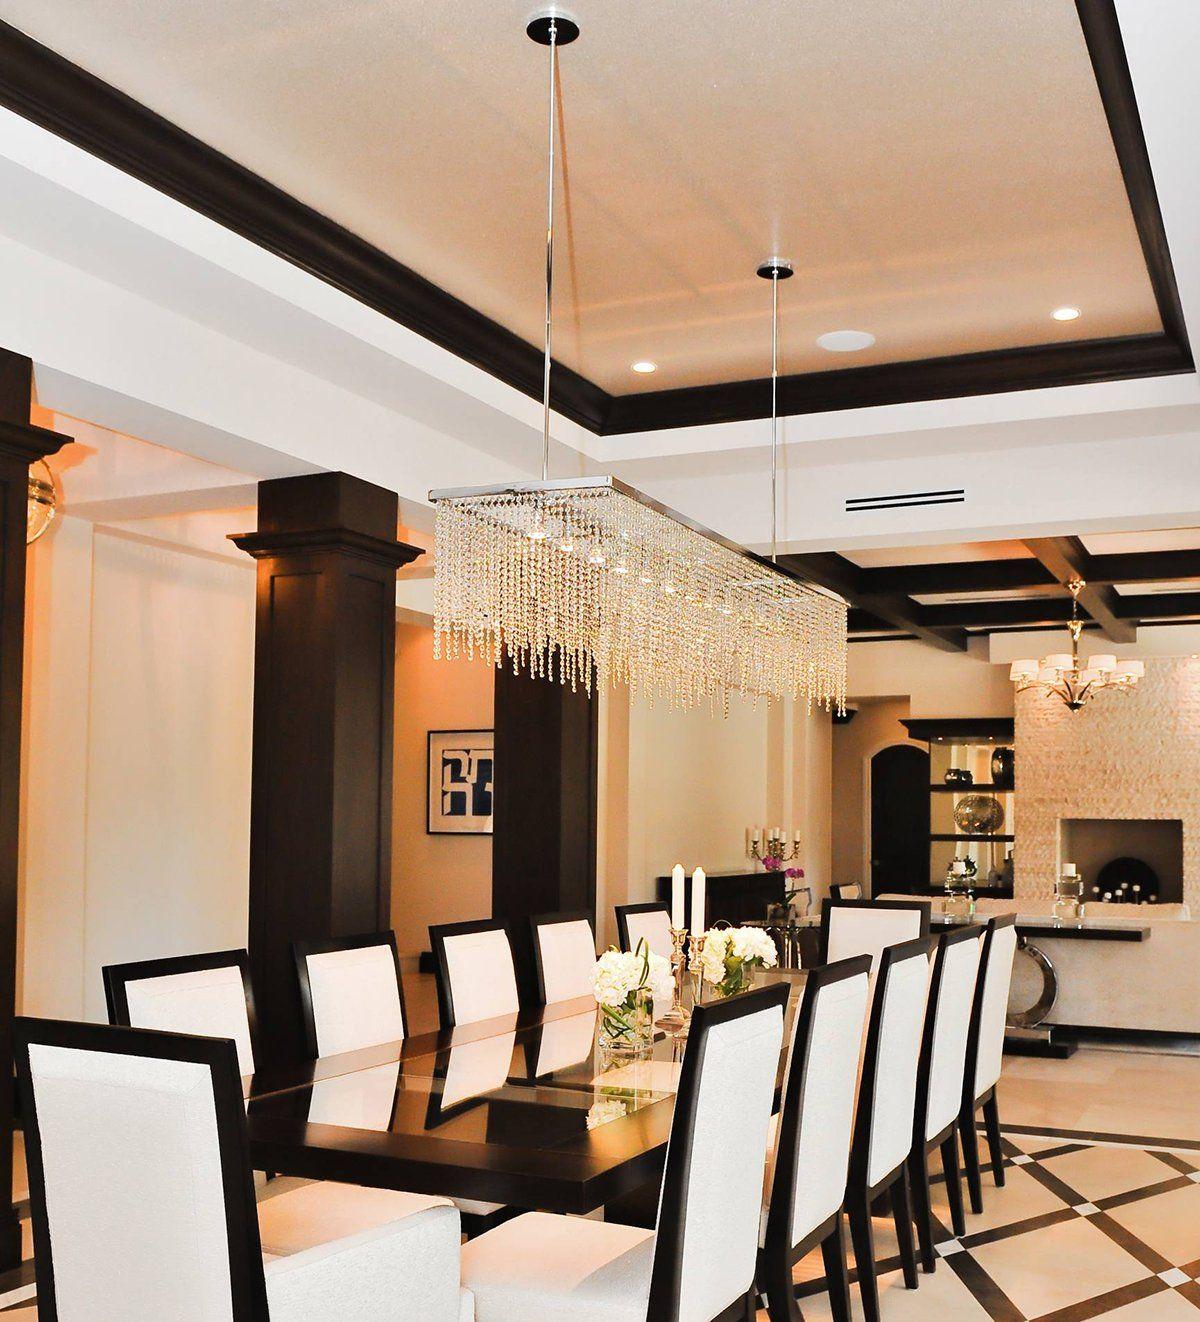 Noxarte Luxury Contemporary Big Crystal Chandelier Rectangle